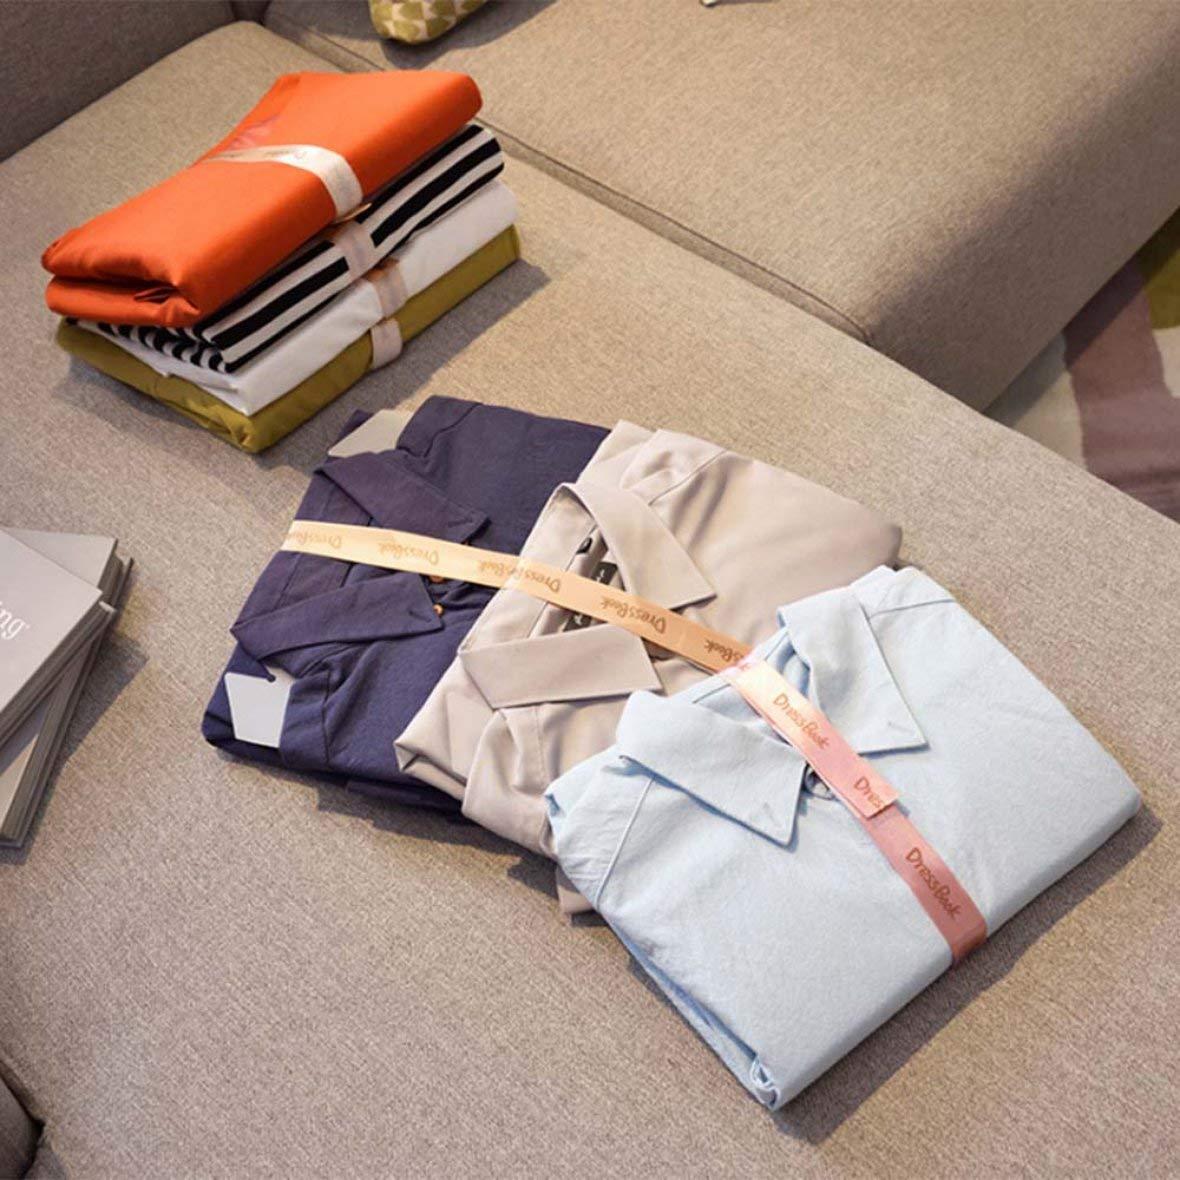 Pink S Lesiey W/äschemappe Lazy Clothes Stacking Board Dressbook Stacking Board W/äscheveranstalter Household Closet Organizer